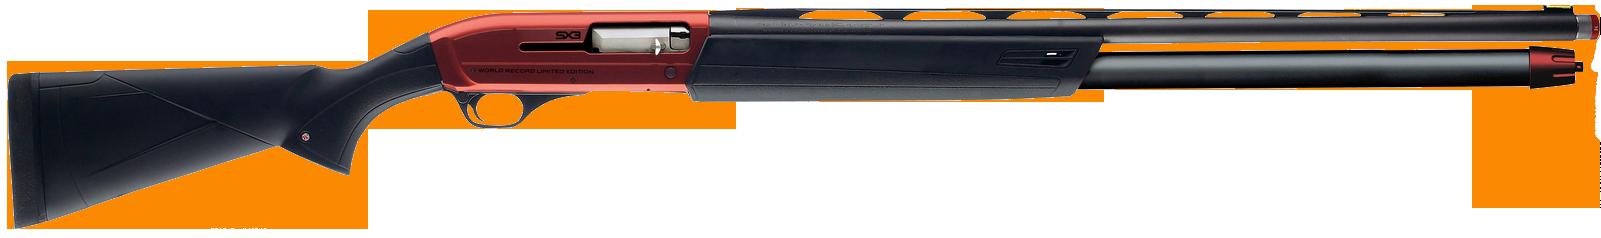 Langwaffe Gewehr Winchester SX 3 Raniero Testa Waffenstube Thalkirchen München Bayern Deutschland